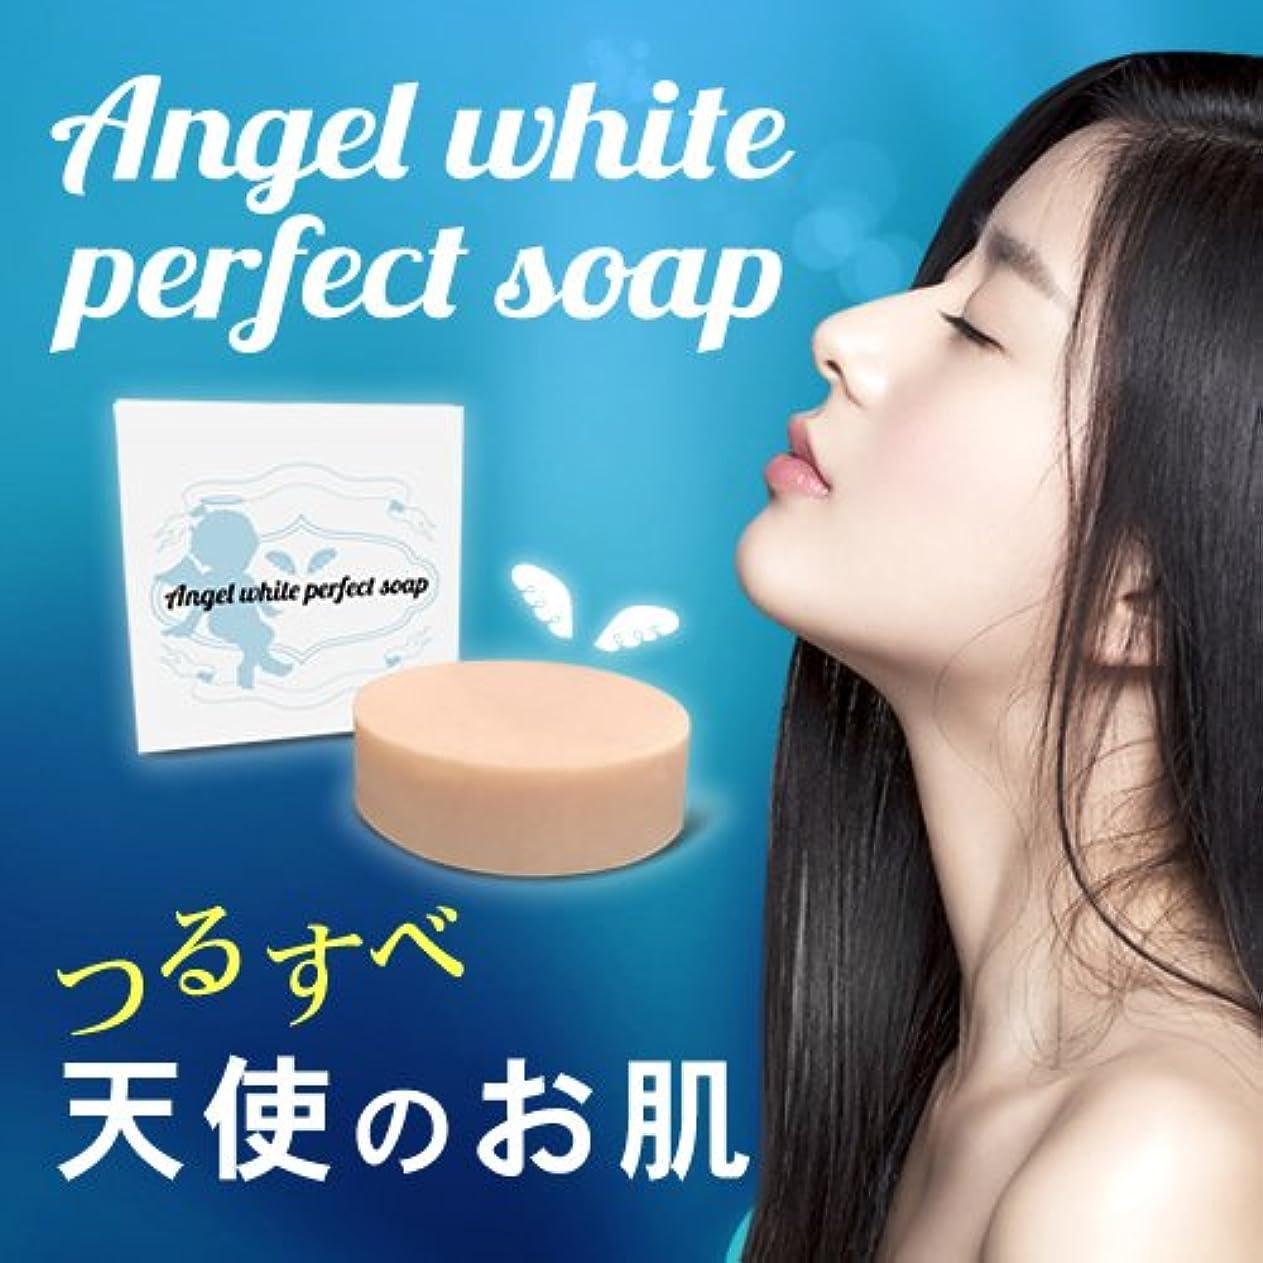 隠された尊厳ブレイズAngel White Perfect Soap(エンジェルホワイトパーフェクトソープ) 美白 美白石けん 美肌 洗顔石鹸